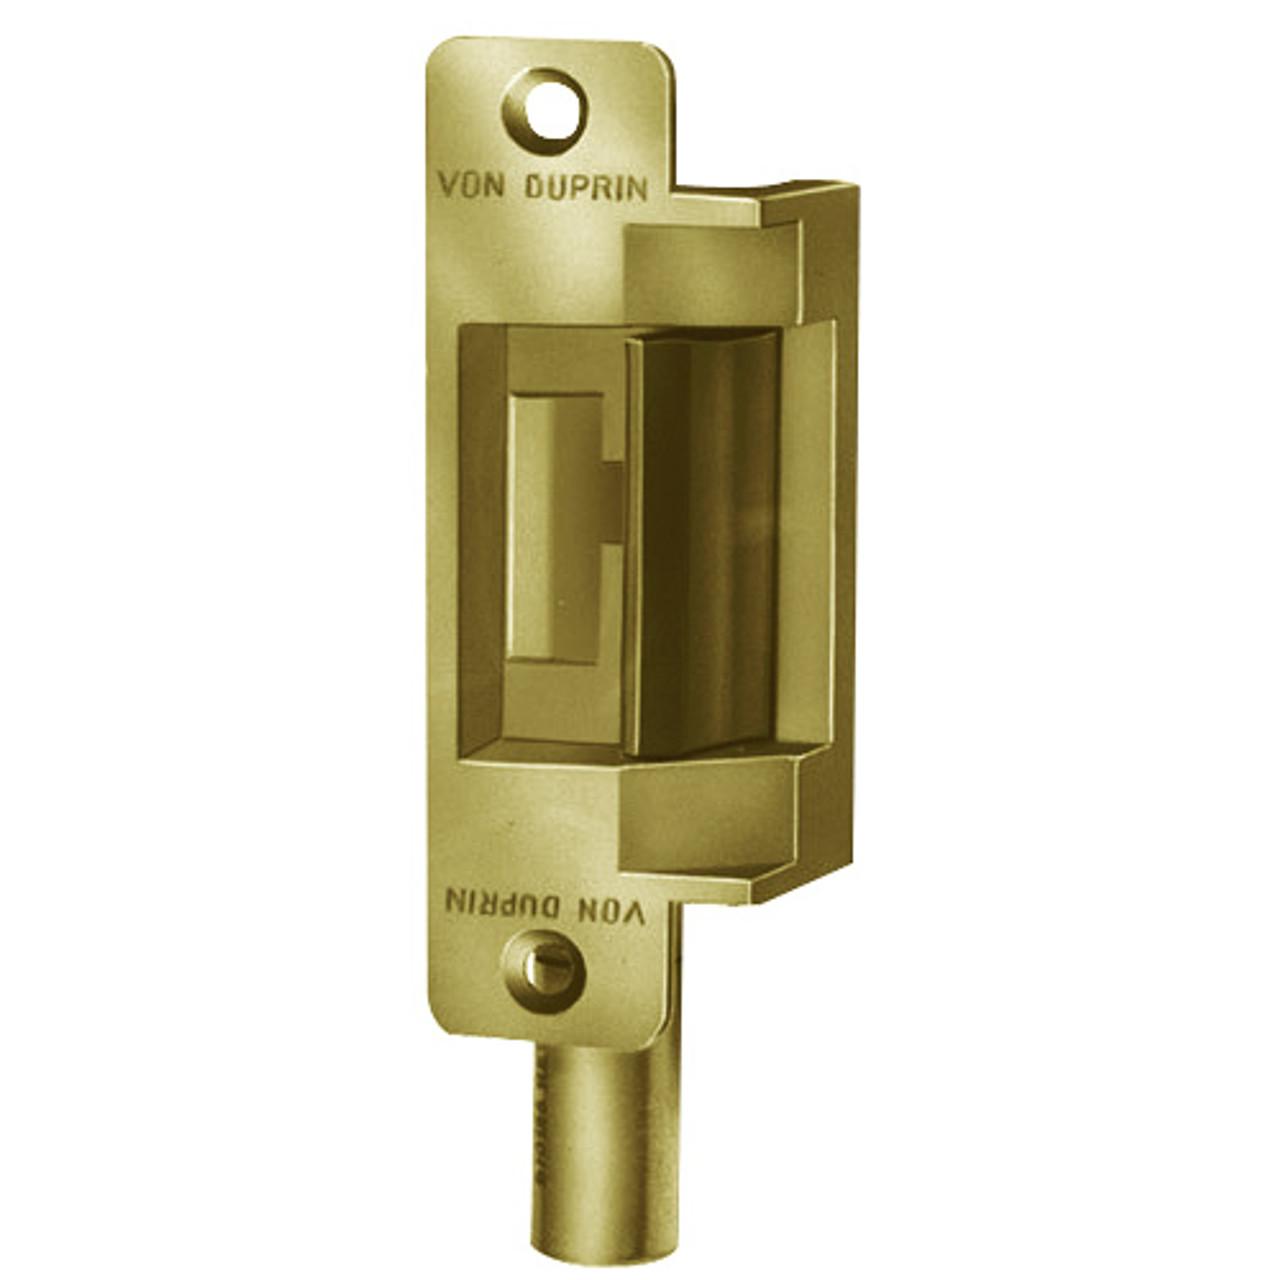 6211AL-12VDC-US4 Von Duprin Electric Strike in Satin Brass Finish